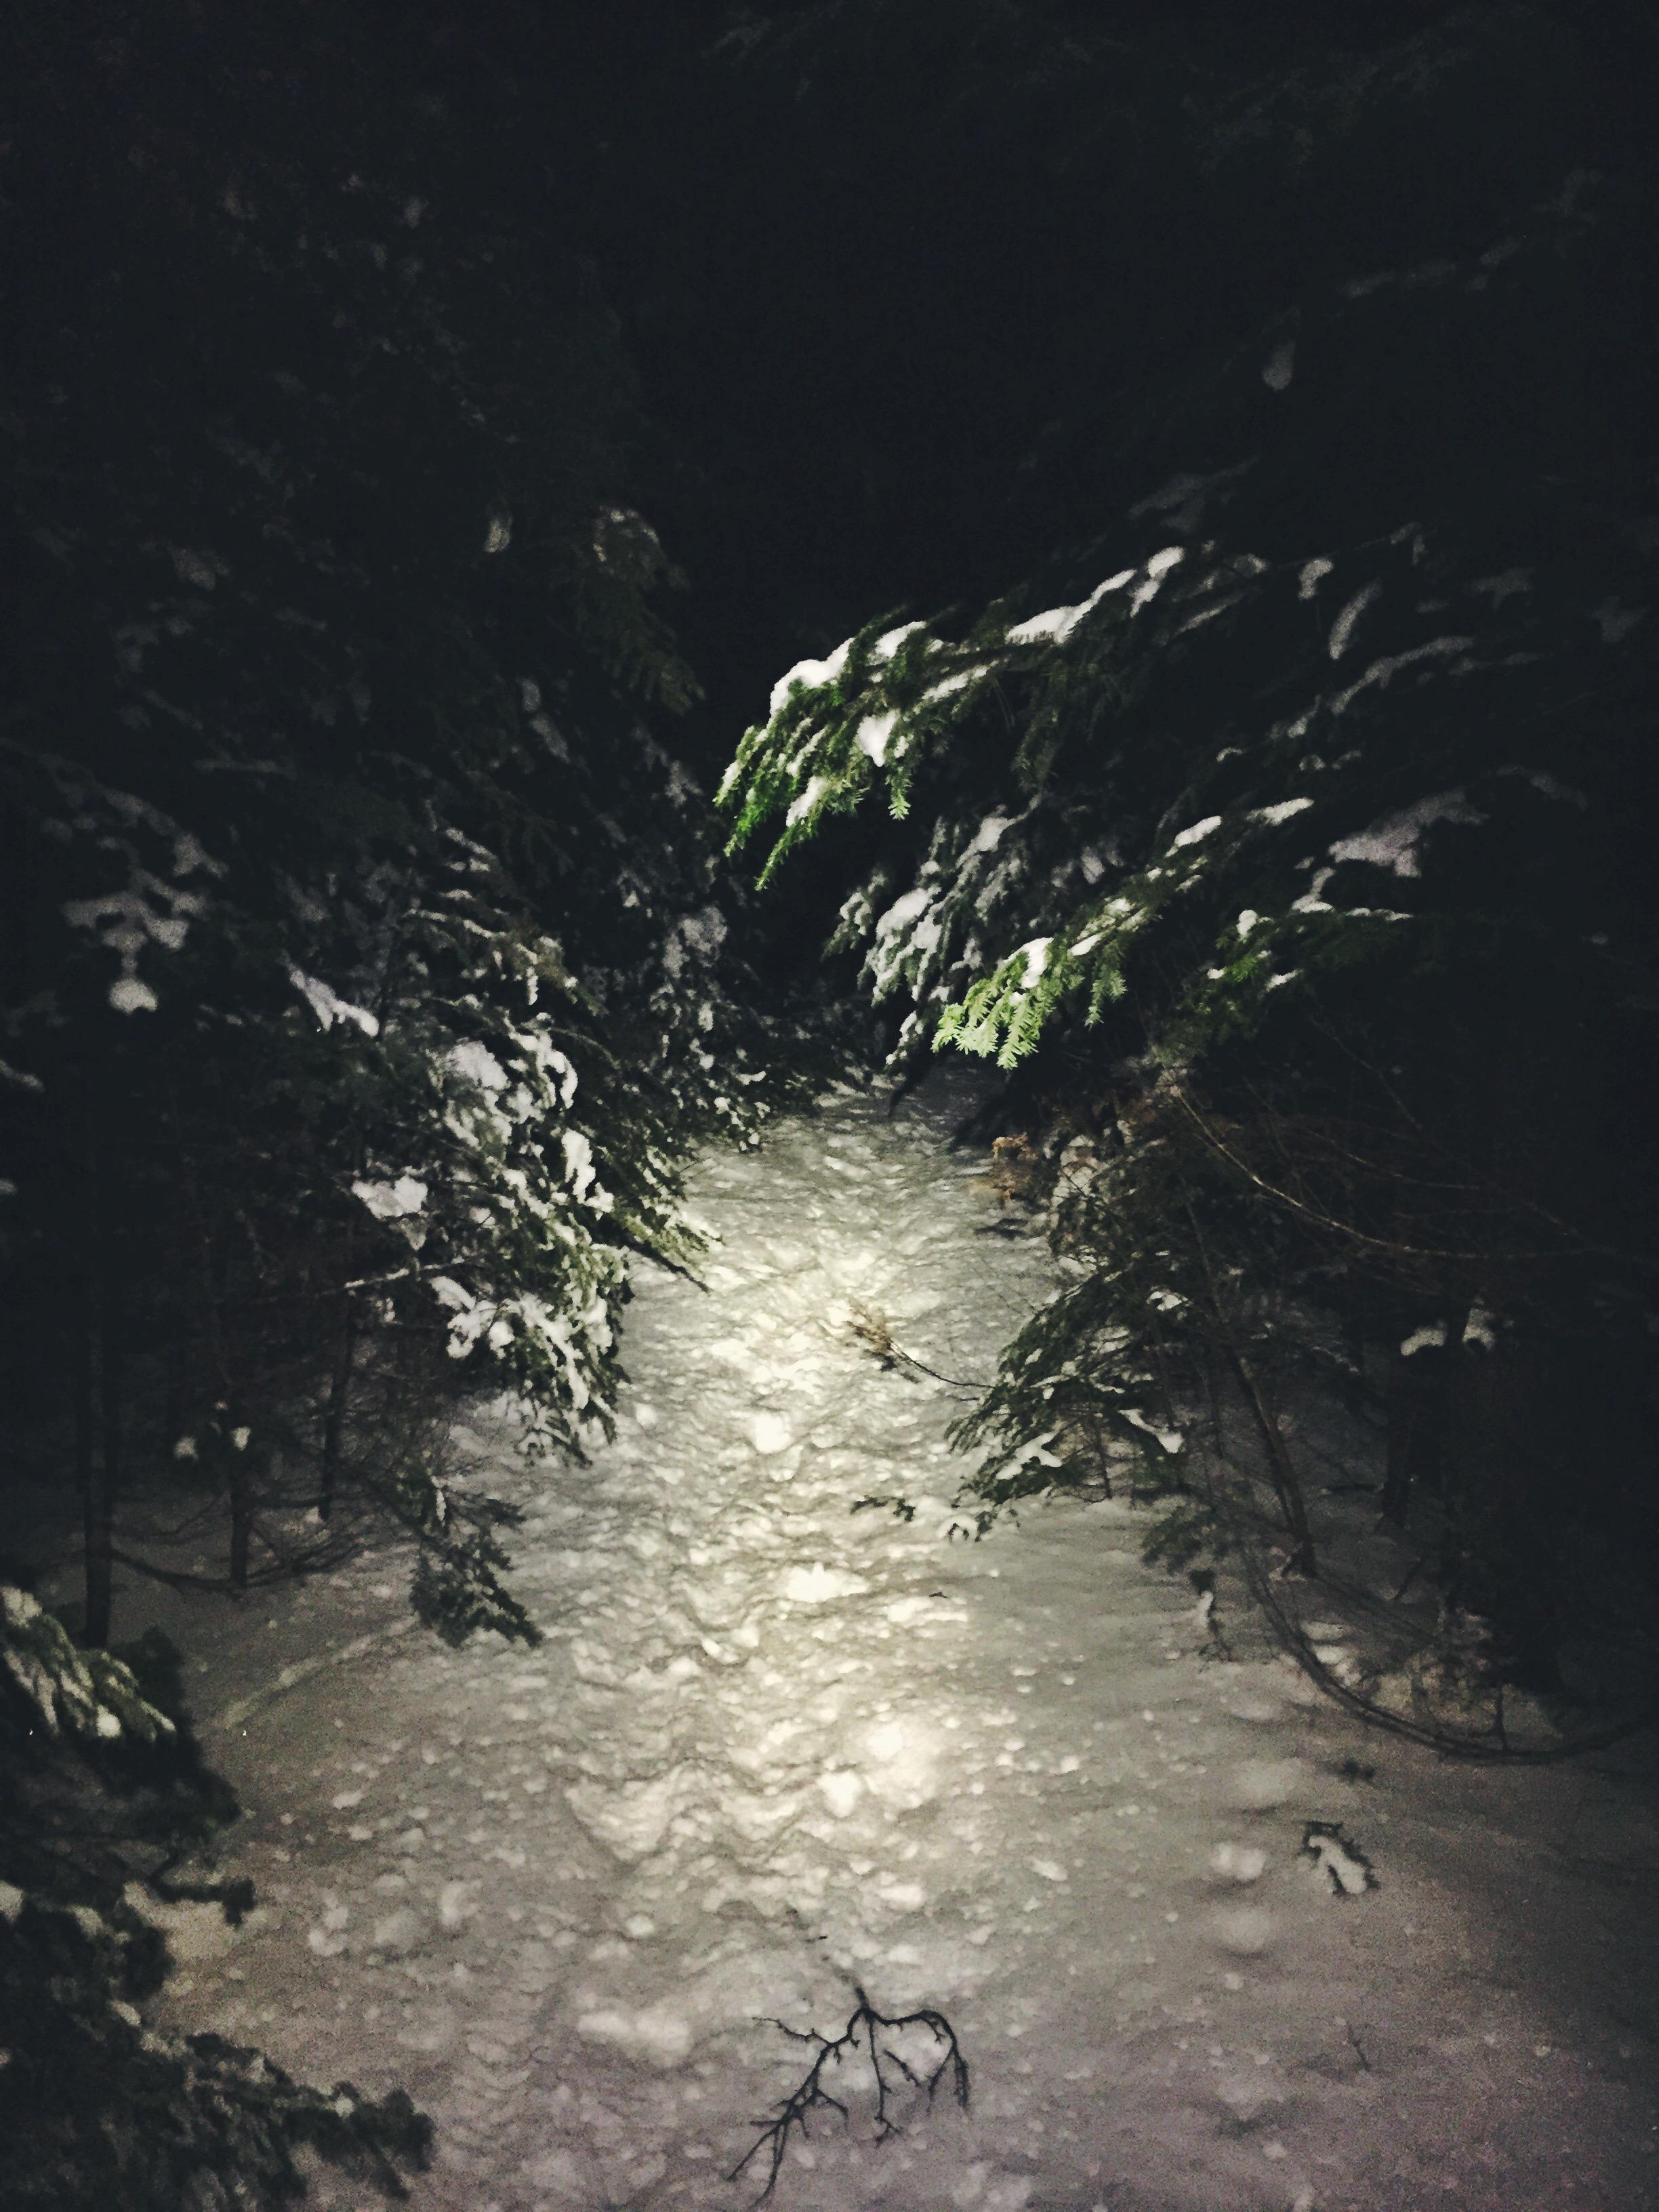 Trekking through the dark Pemigewasset Wilderness